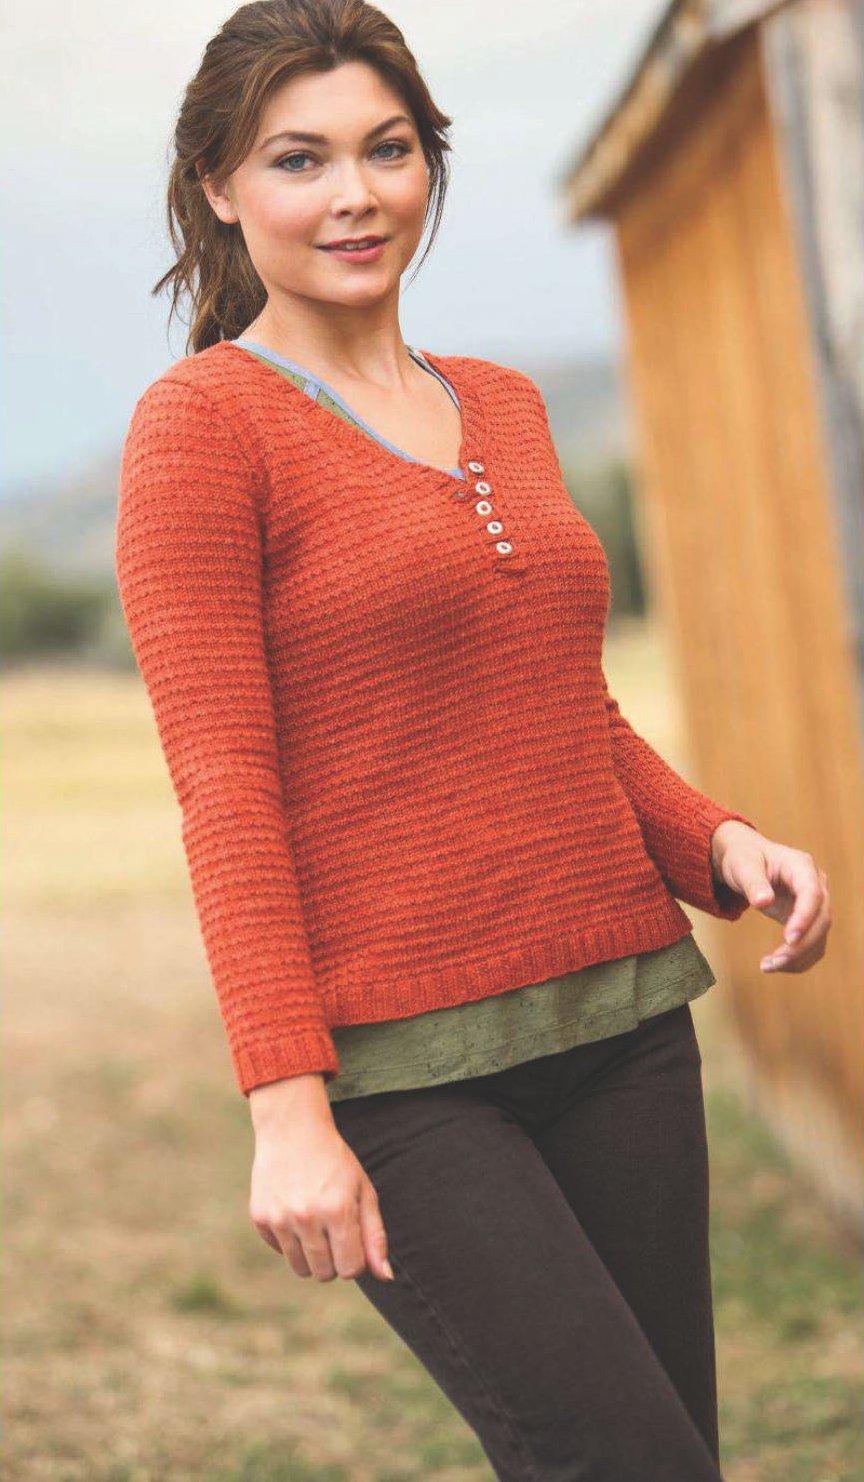 Детский пуловер спицами. Вяжем пуловер своими руками 8